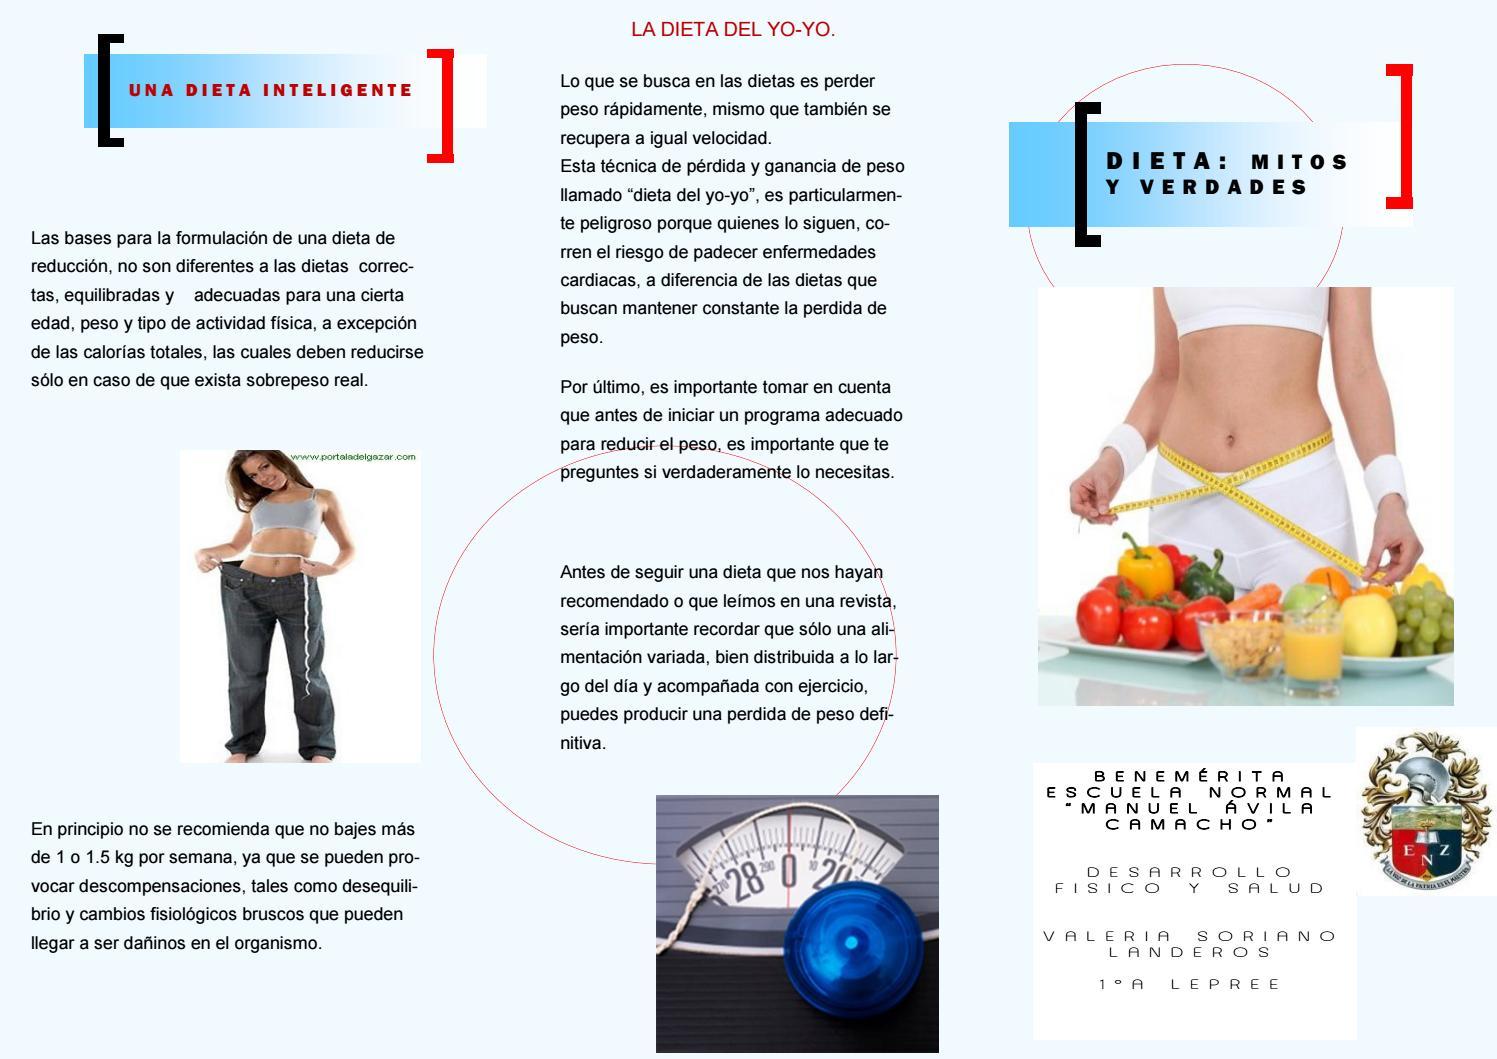 ¿cuál es la dieta adecuada para bajar de peso?